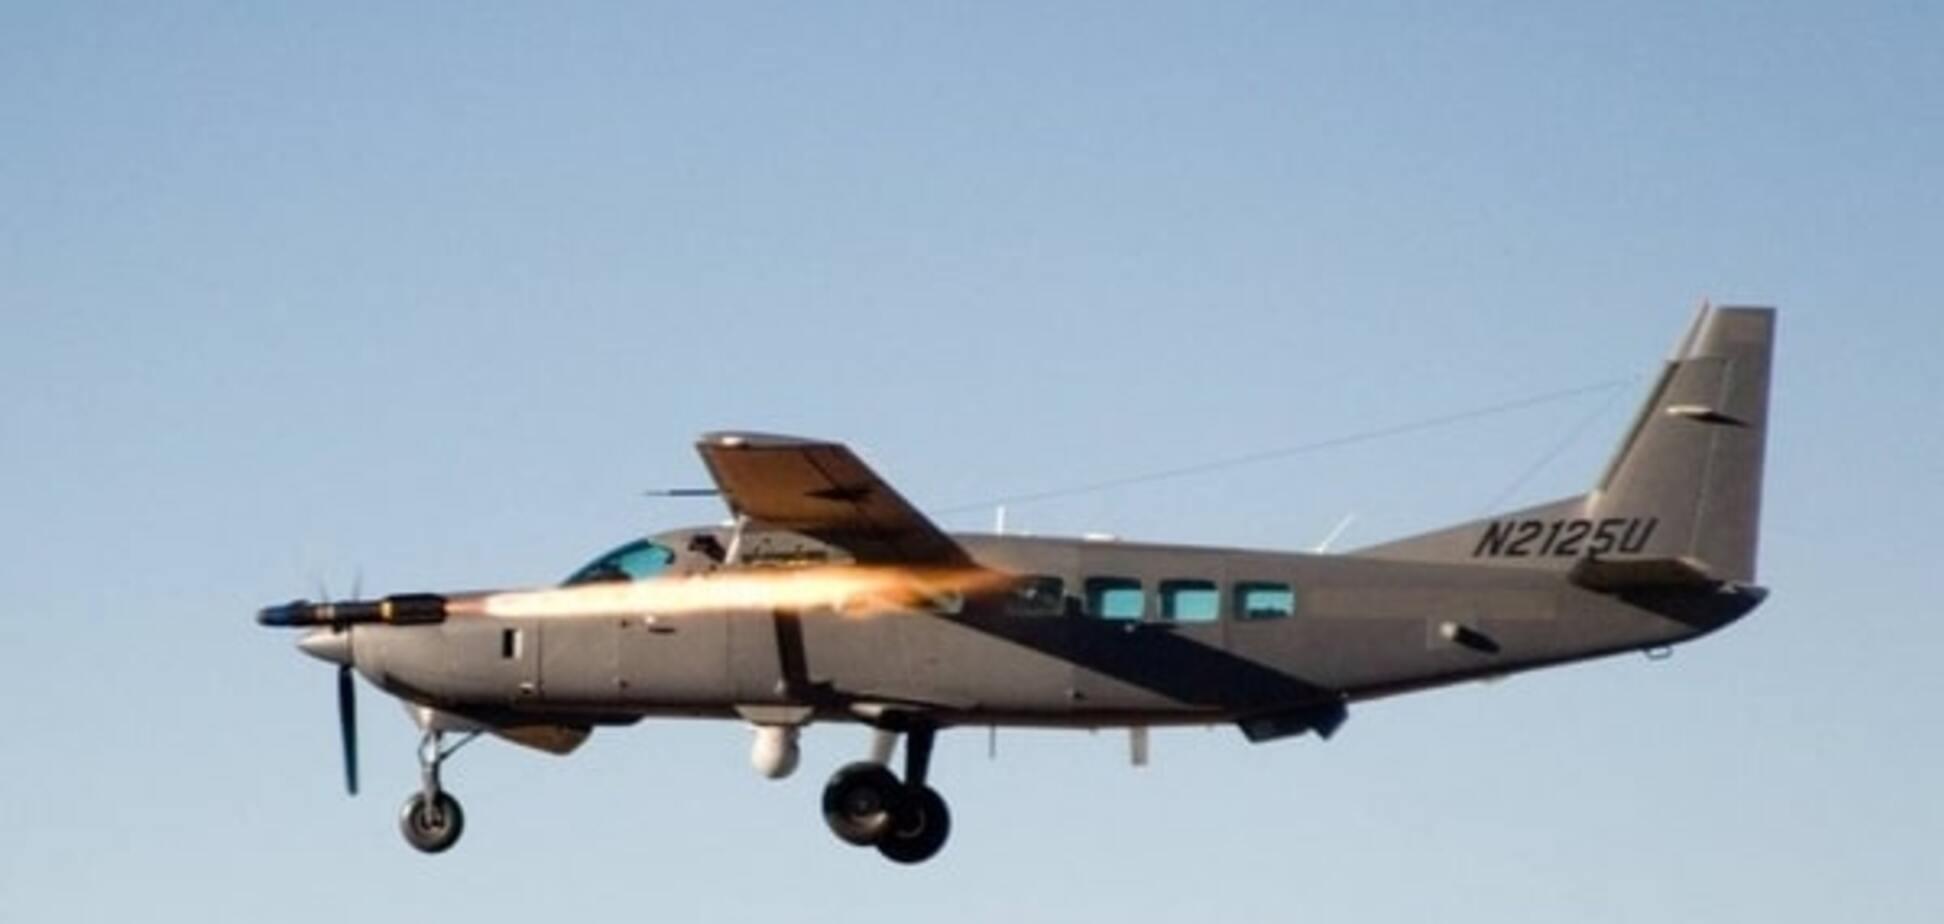 Авіакатастрофа в окупованому Криму забрала життя чотирьох людей